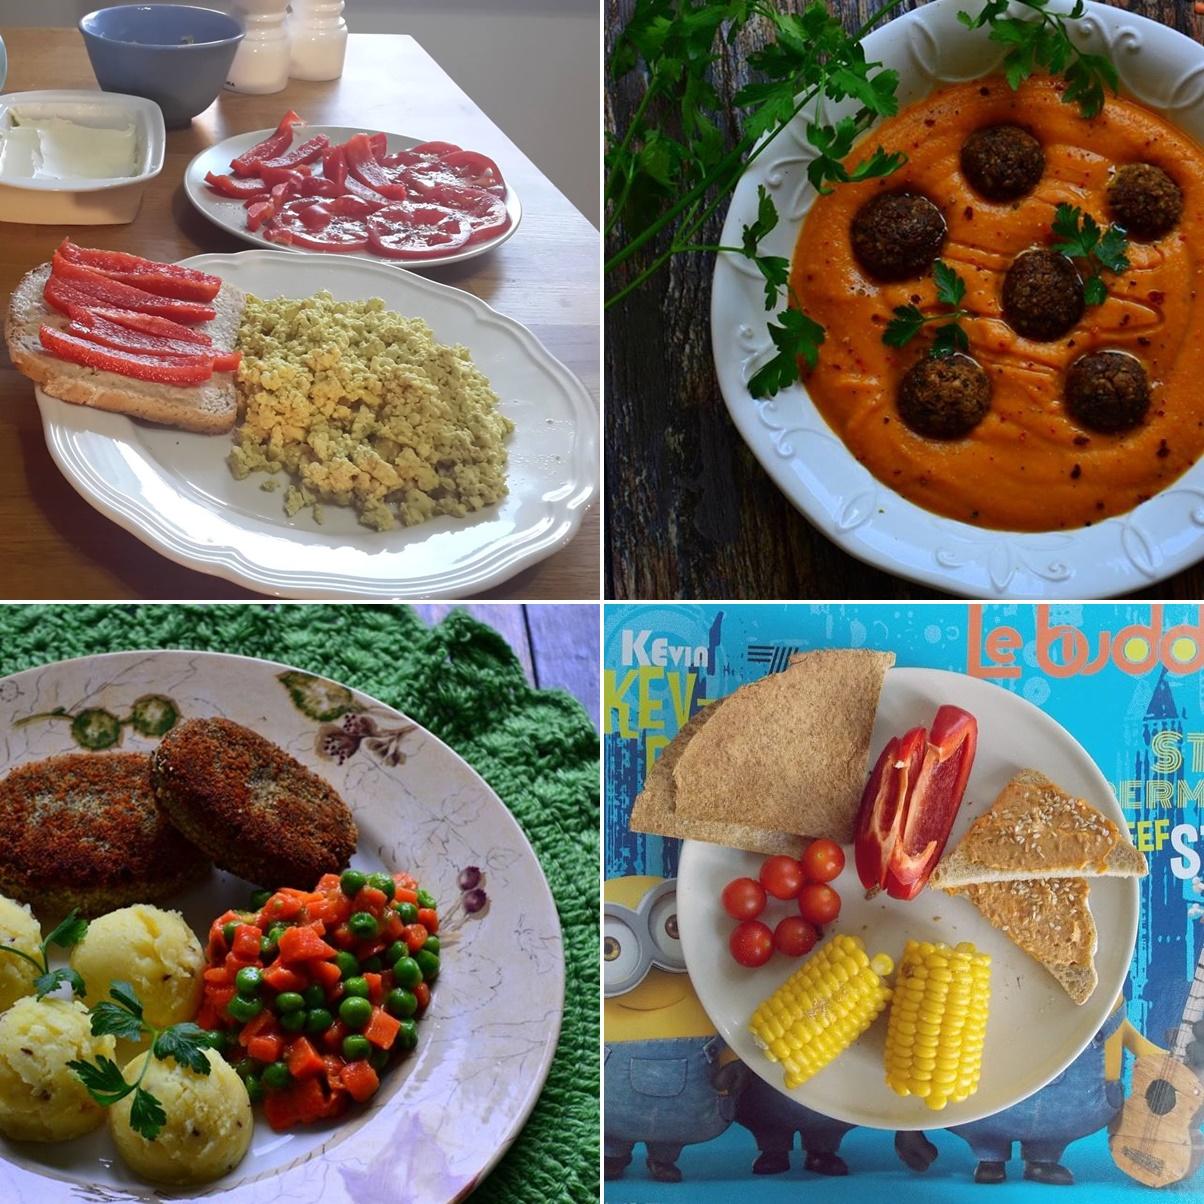 wegańskie potrawy - co jedzą weganie?